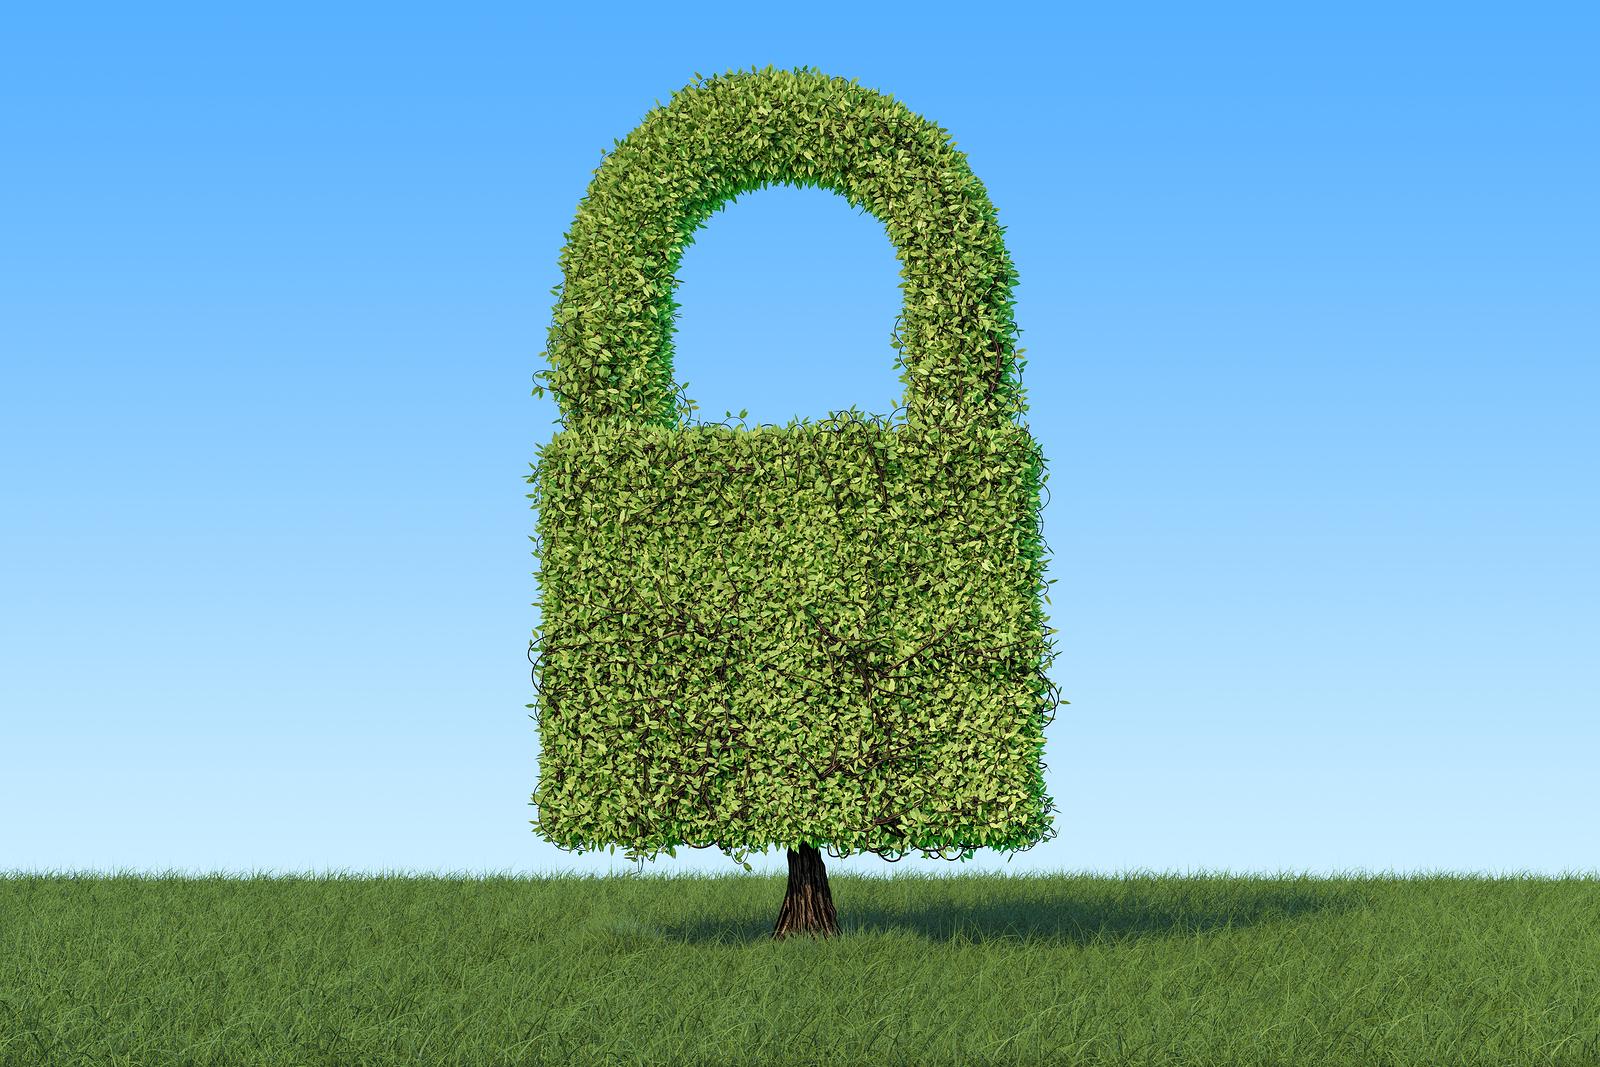 HTTPS Phishing: 49% of Phishing Websites now sport the green